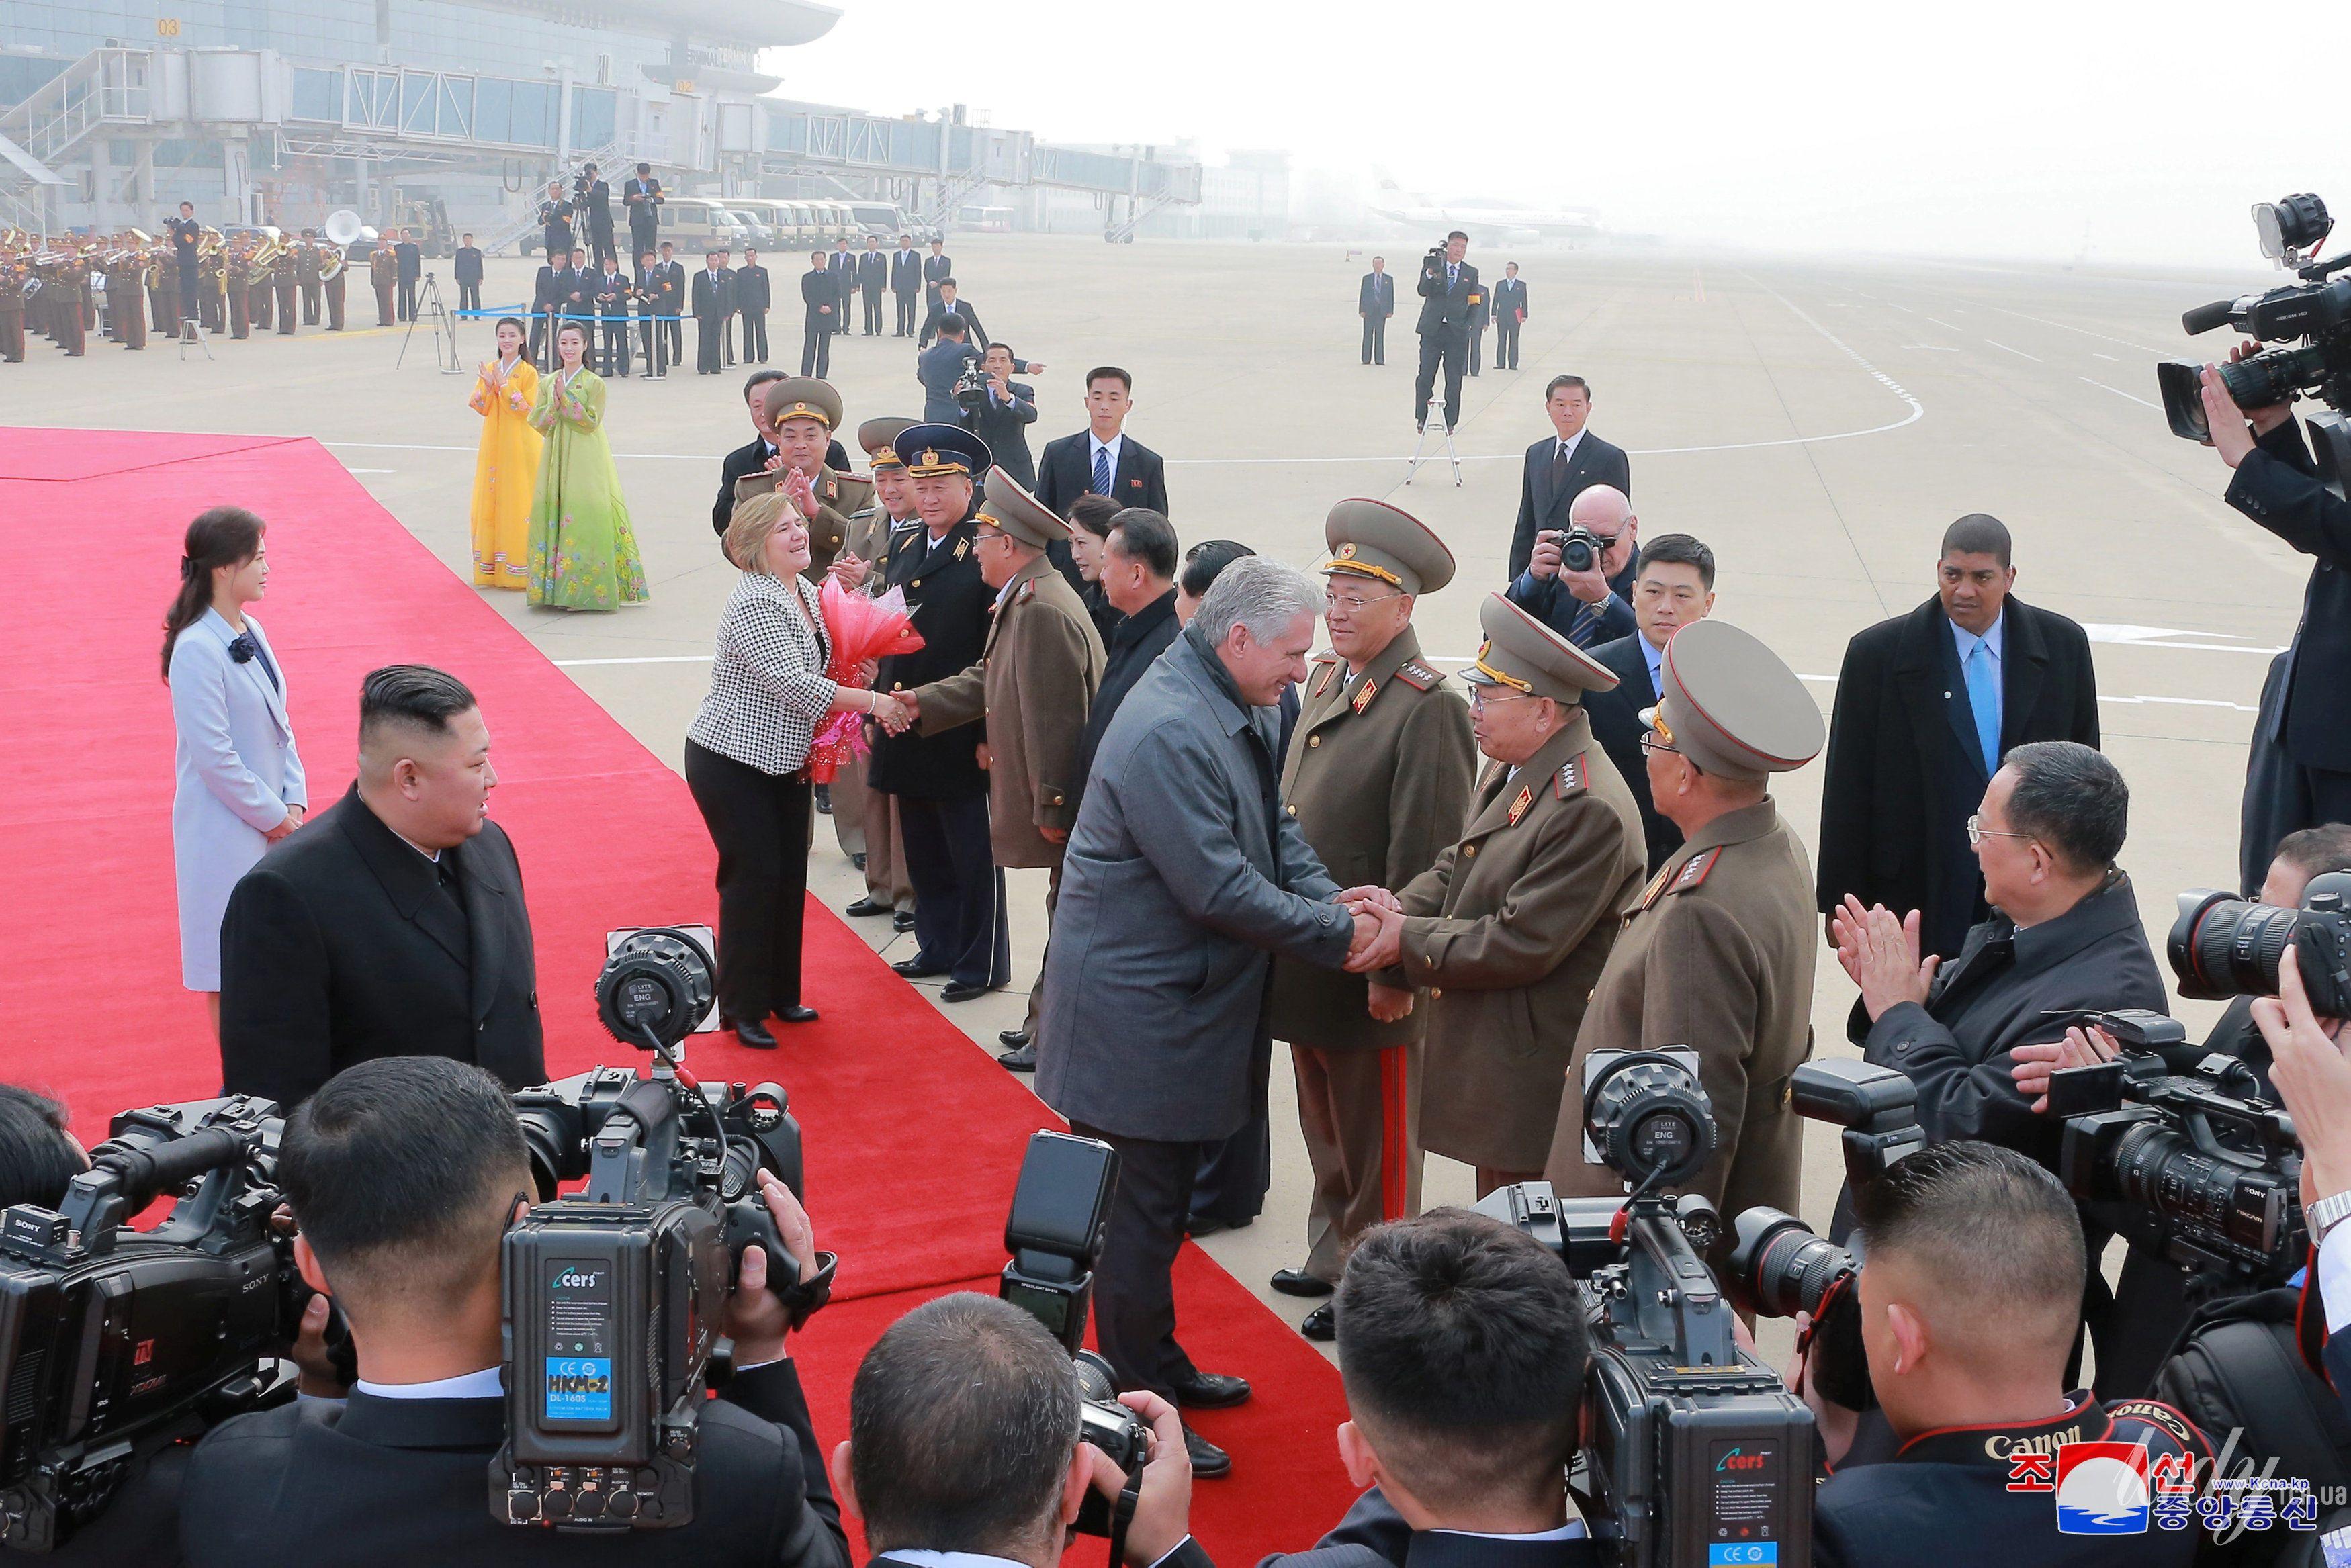 Президент Кубы с женой и лидер КНДР с супругой_4